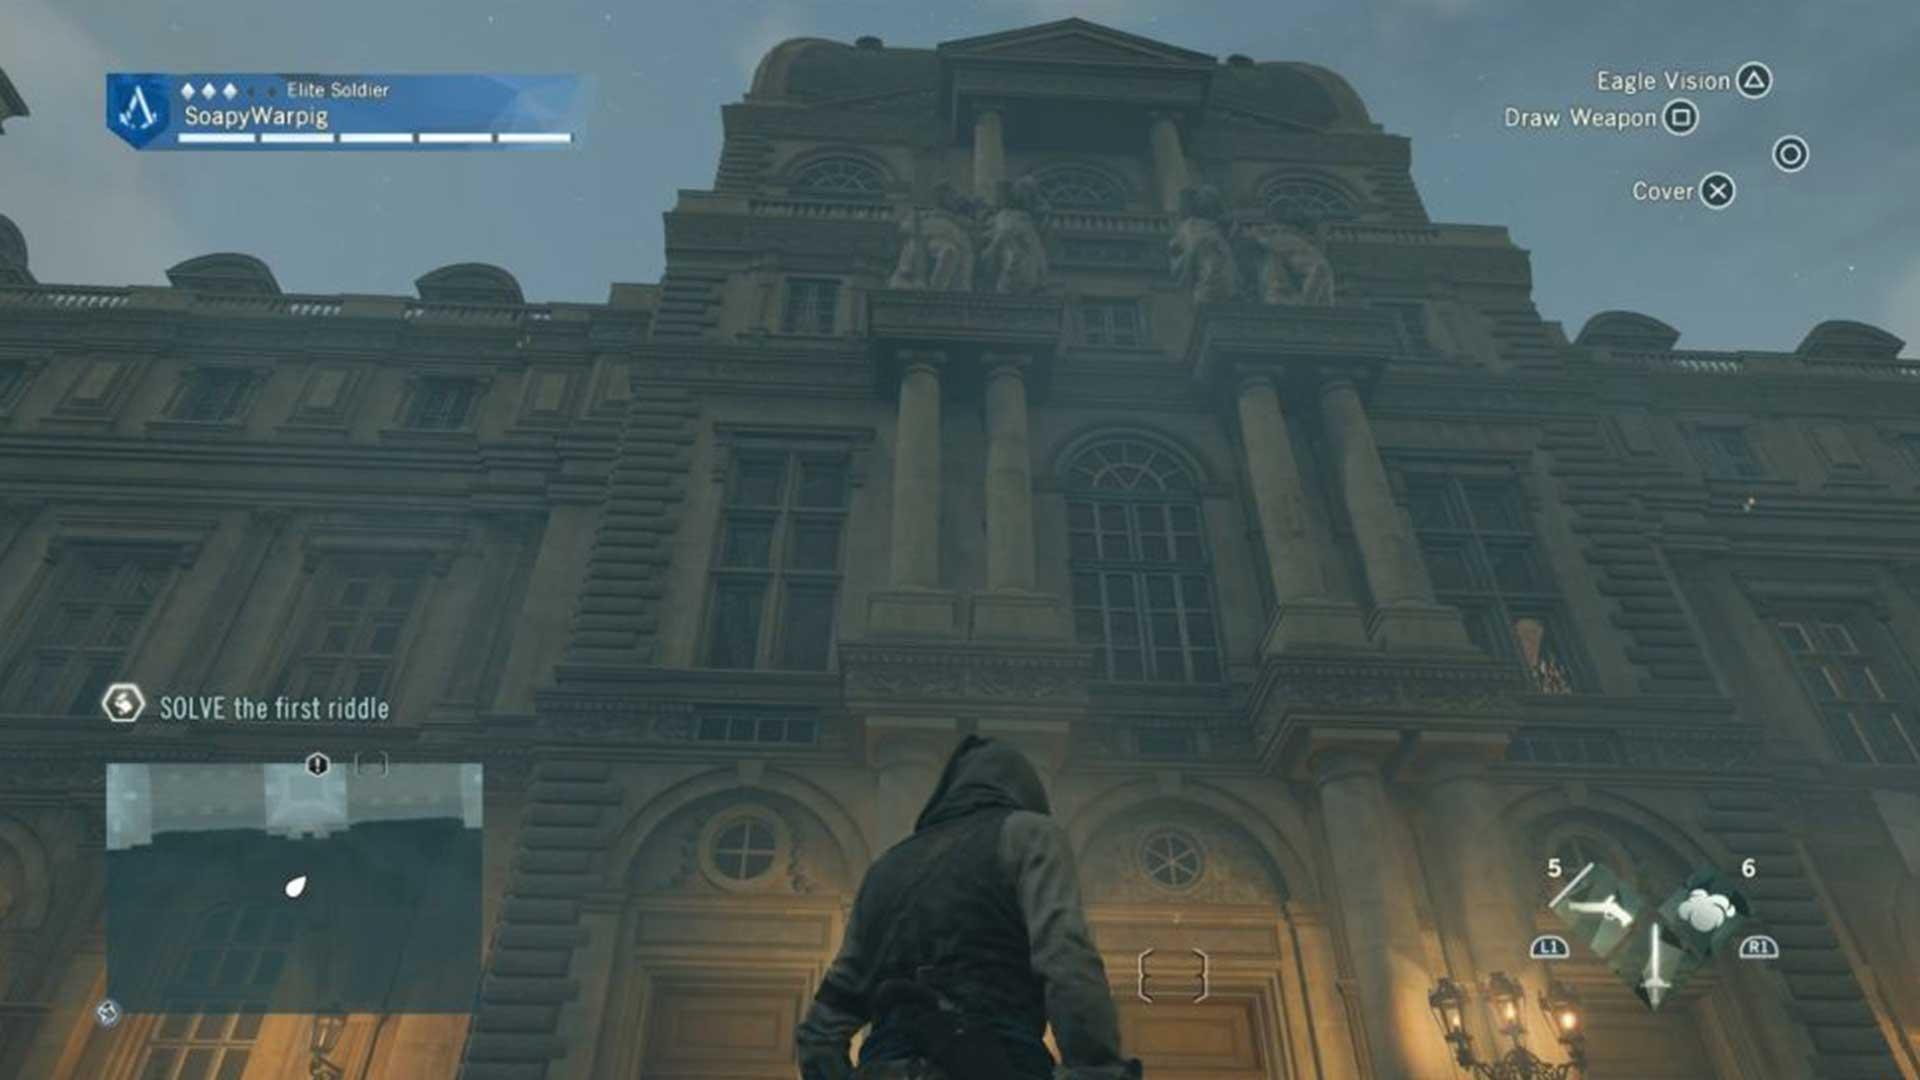 Идите на юго-восток к внешней стене большого здания